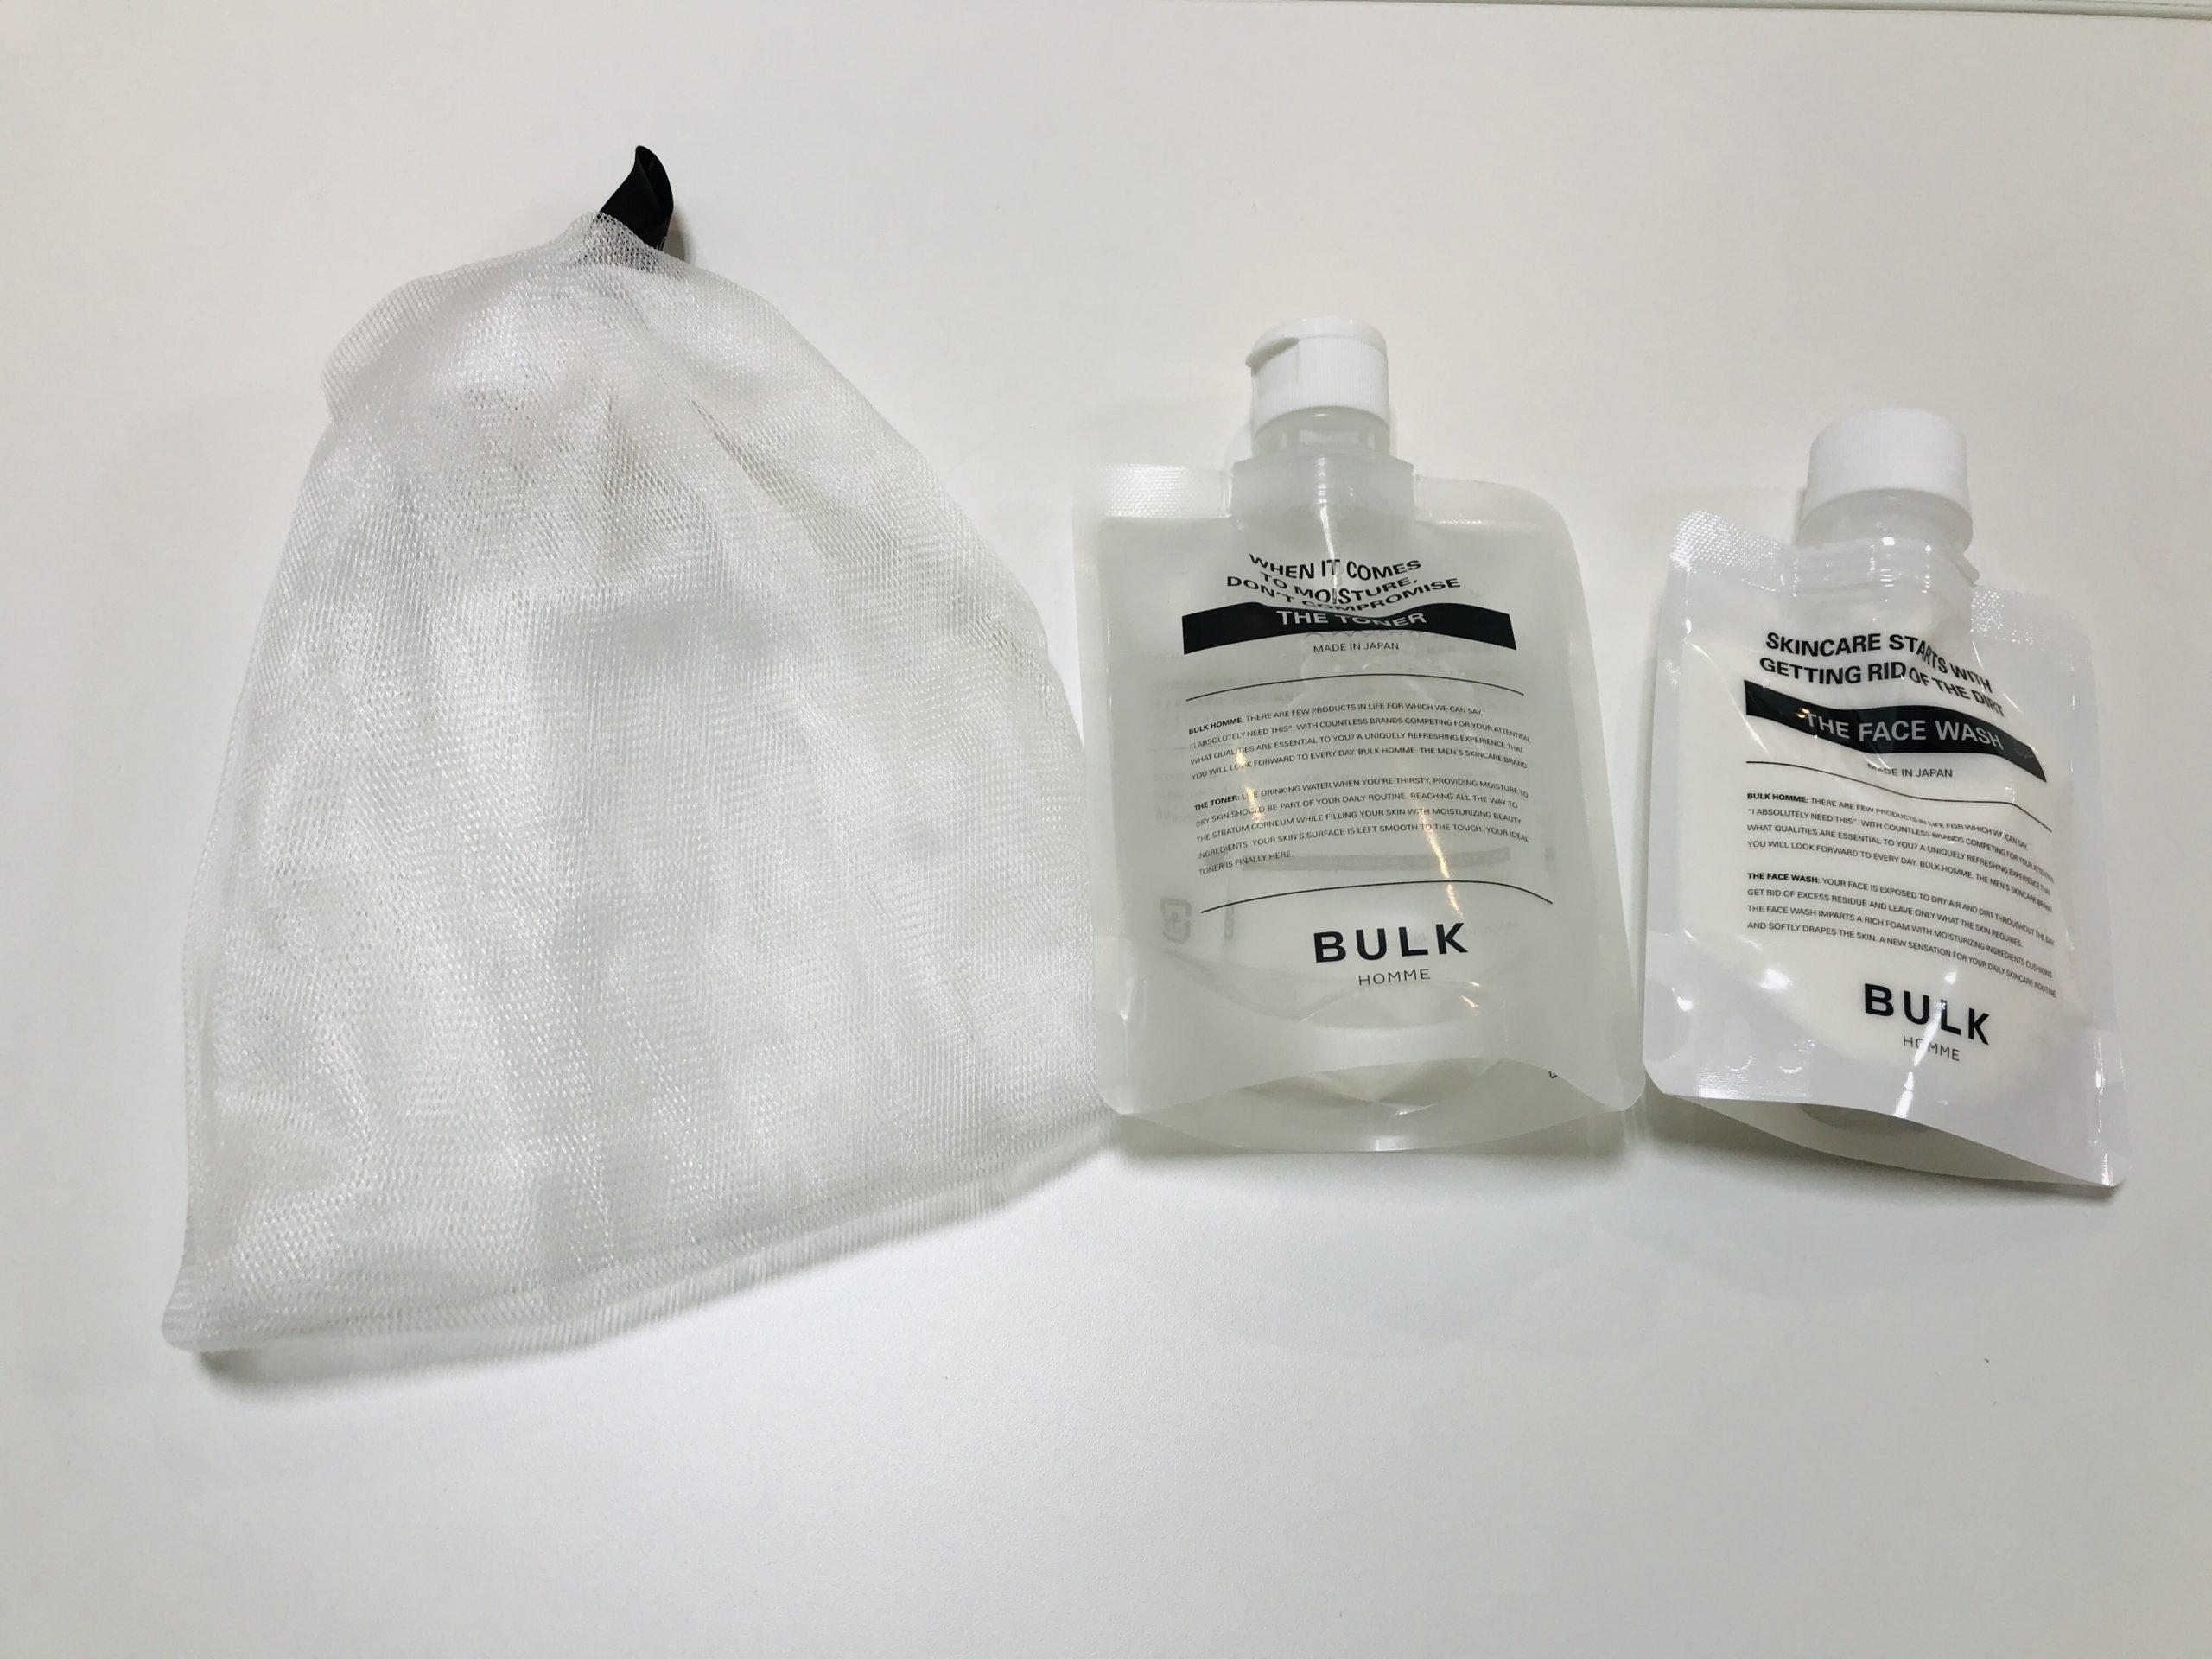 【完全版】バルクオム洗顔コースの購入手順、支払い方法、配送期間/変更、受取。さらに返品・解約方法まで徹底解説!